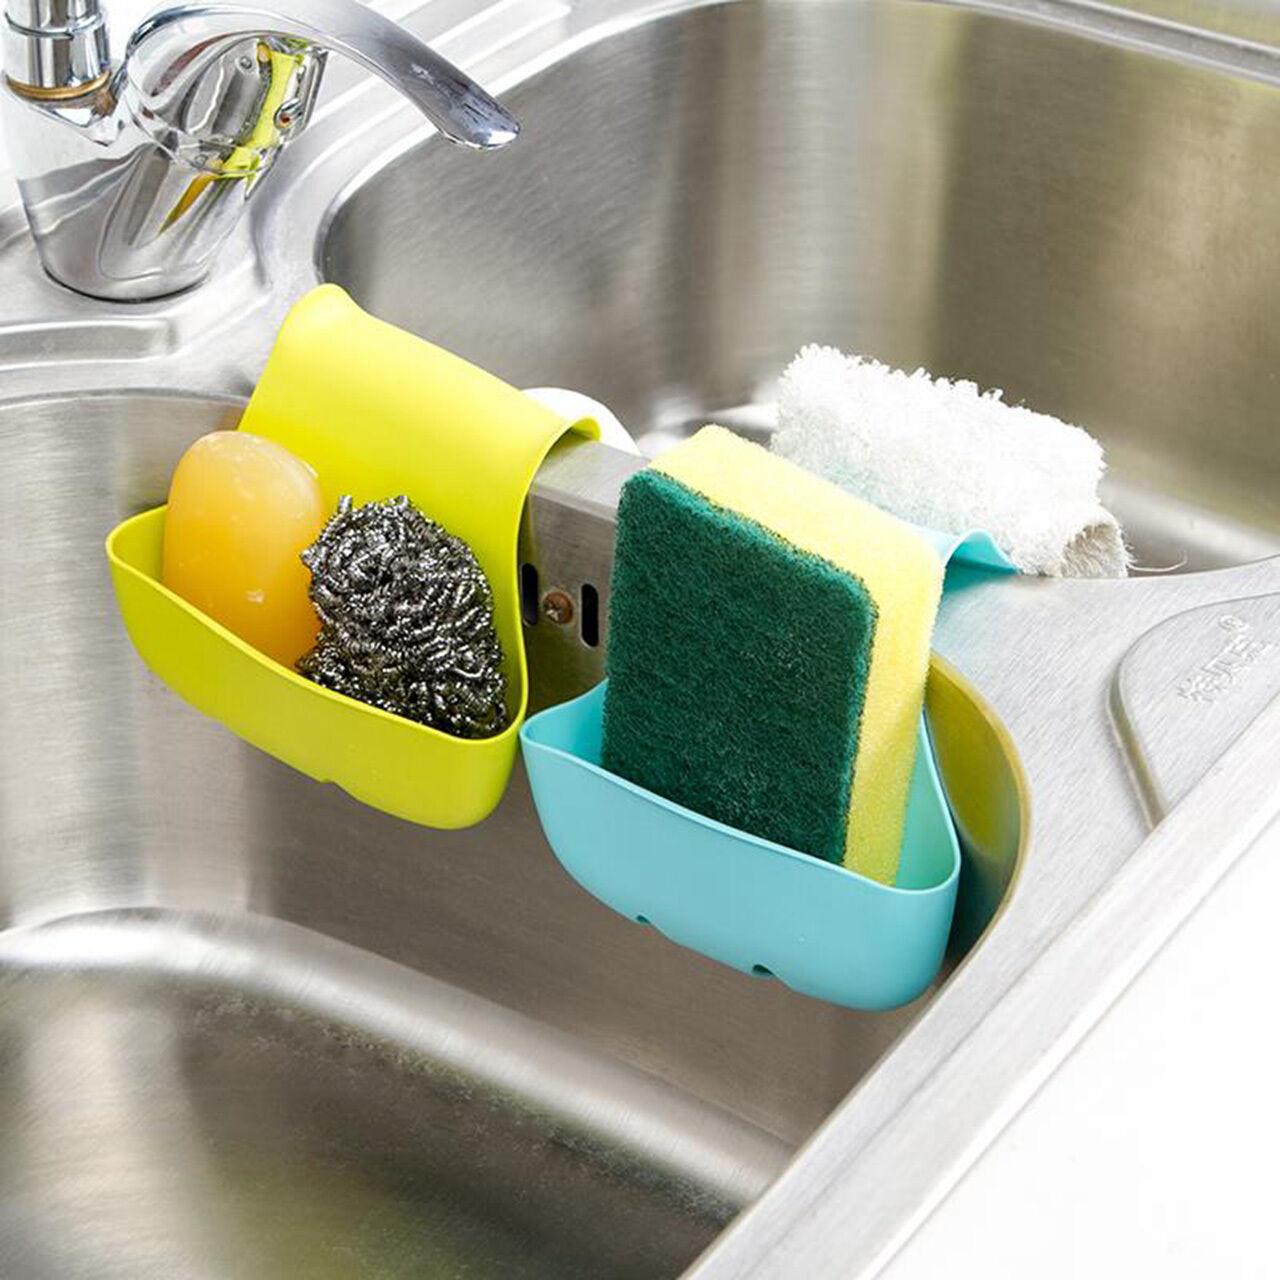 Kitchen Sink Sponge Holder: Storage Double Sink Caddy Saddle Style Kitchen Organizer